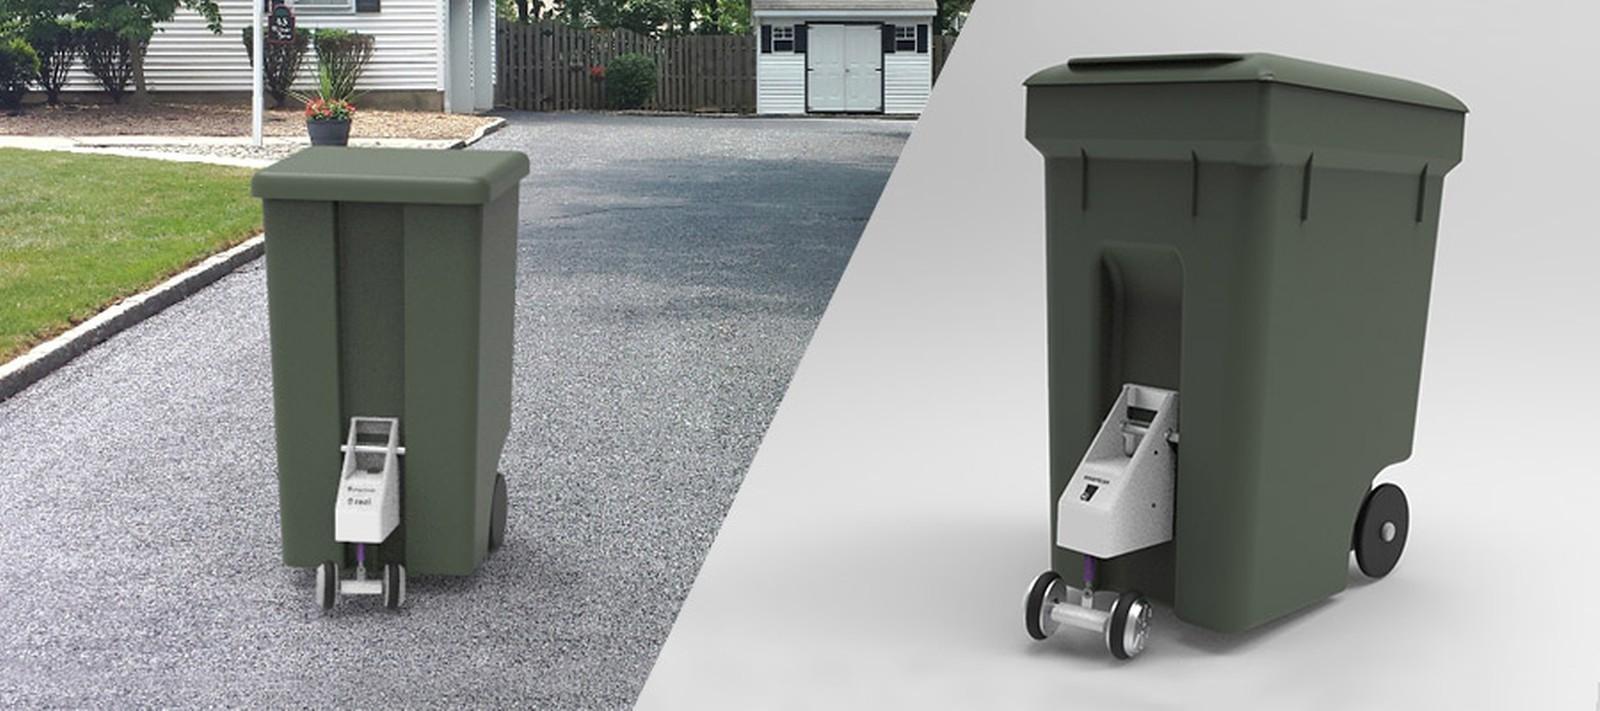 Gewinner des Cool Idea Awards 2019 in den USA: Smartcan - die erste motorisierte Mülltonne der Welt.